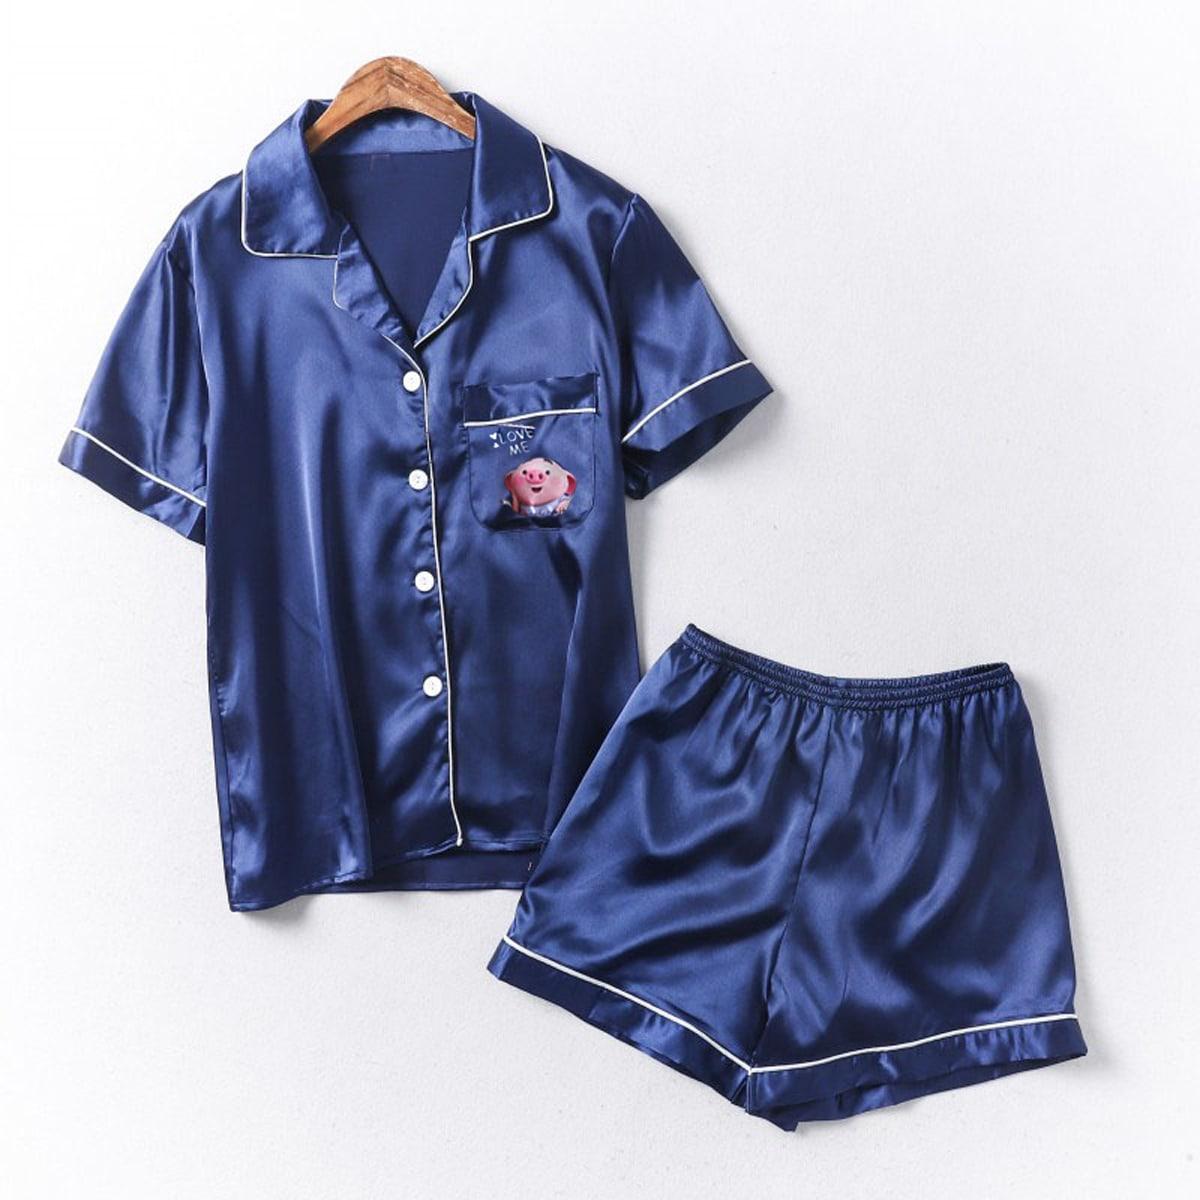 Темно-синий с карманами Мультяшный принт Повседневный Домашняя одежда для мальчиков от SHEIN